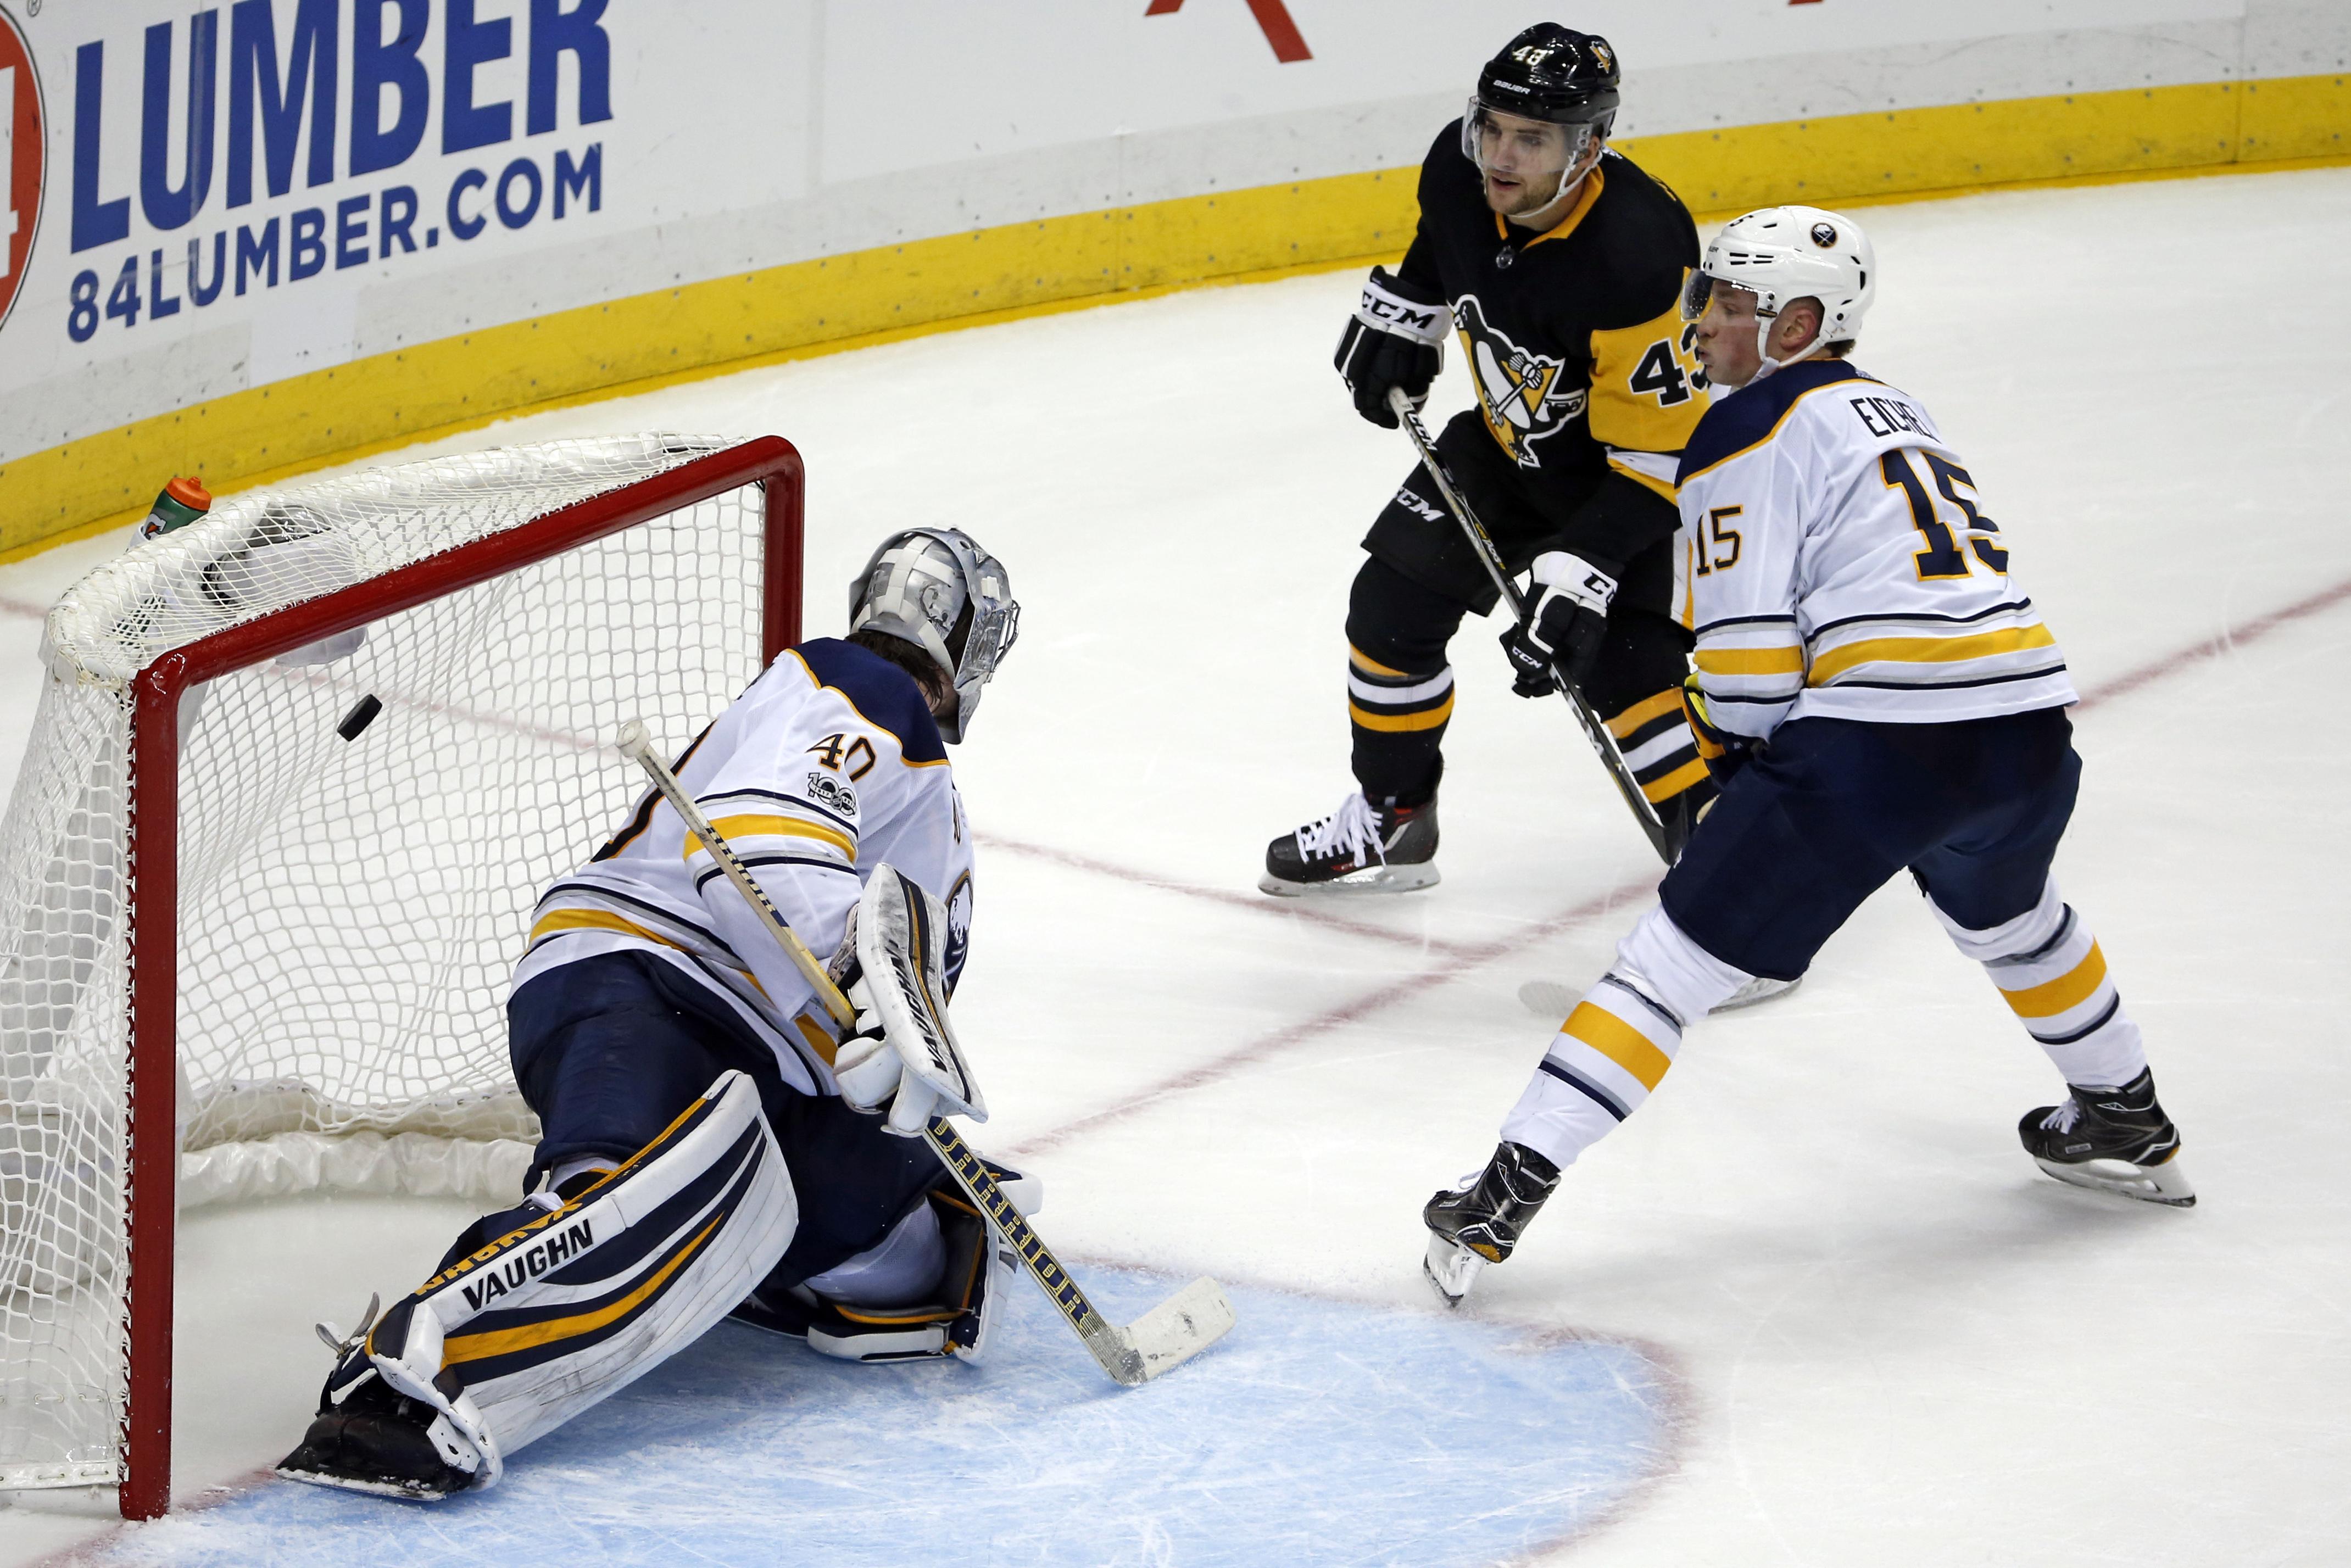 Sabres_penguins_hockey_10864